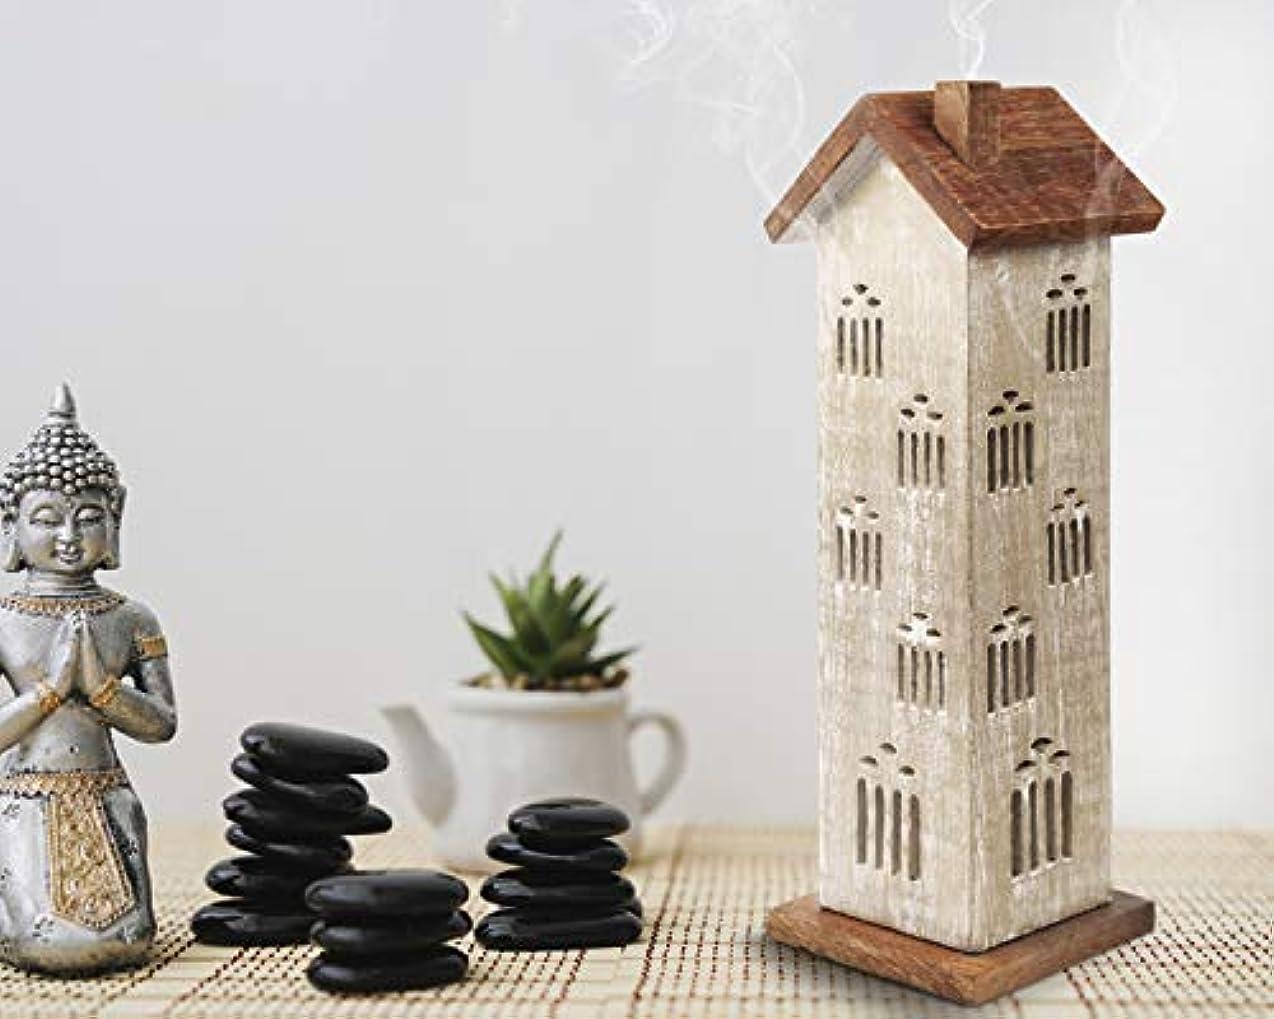 申し込むラグ受益者storeindya 感謝祭ギフト 木製タワーハウスお香ホルダー アッシュキャッチャー付き 装飾的 無料 オーガニックお香3本